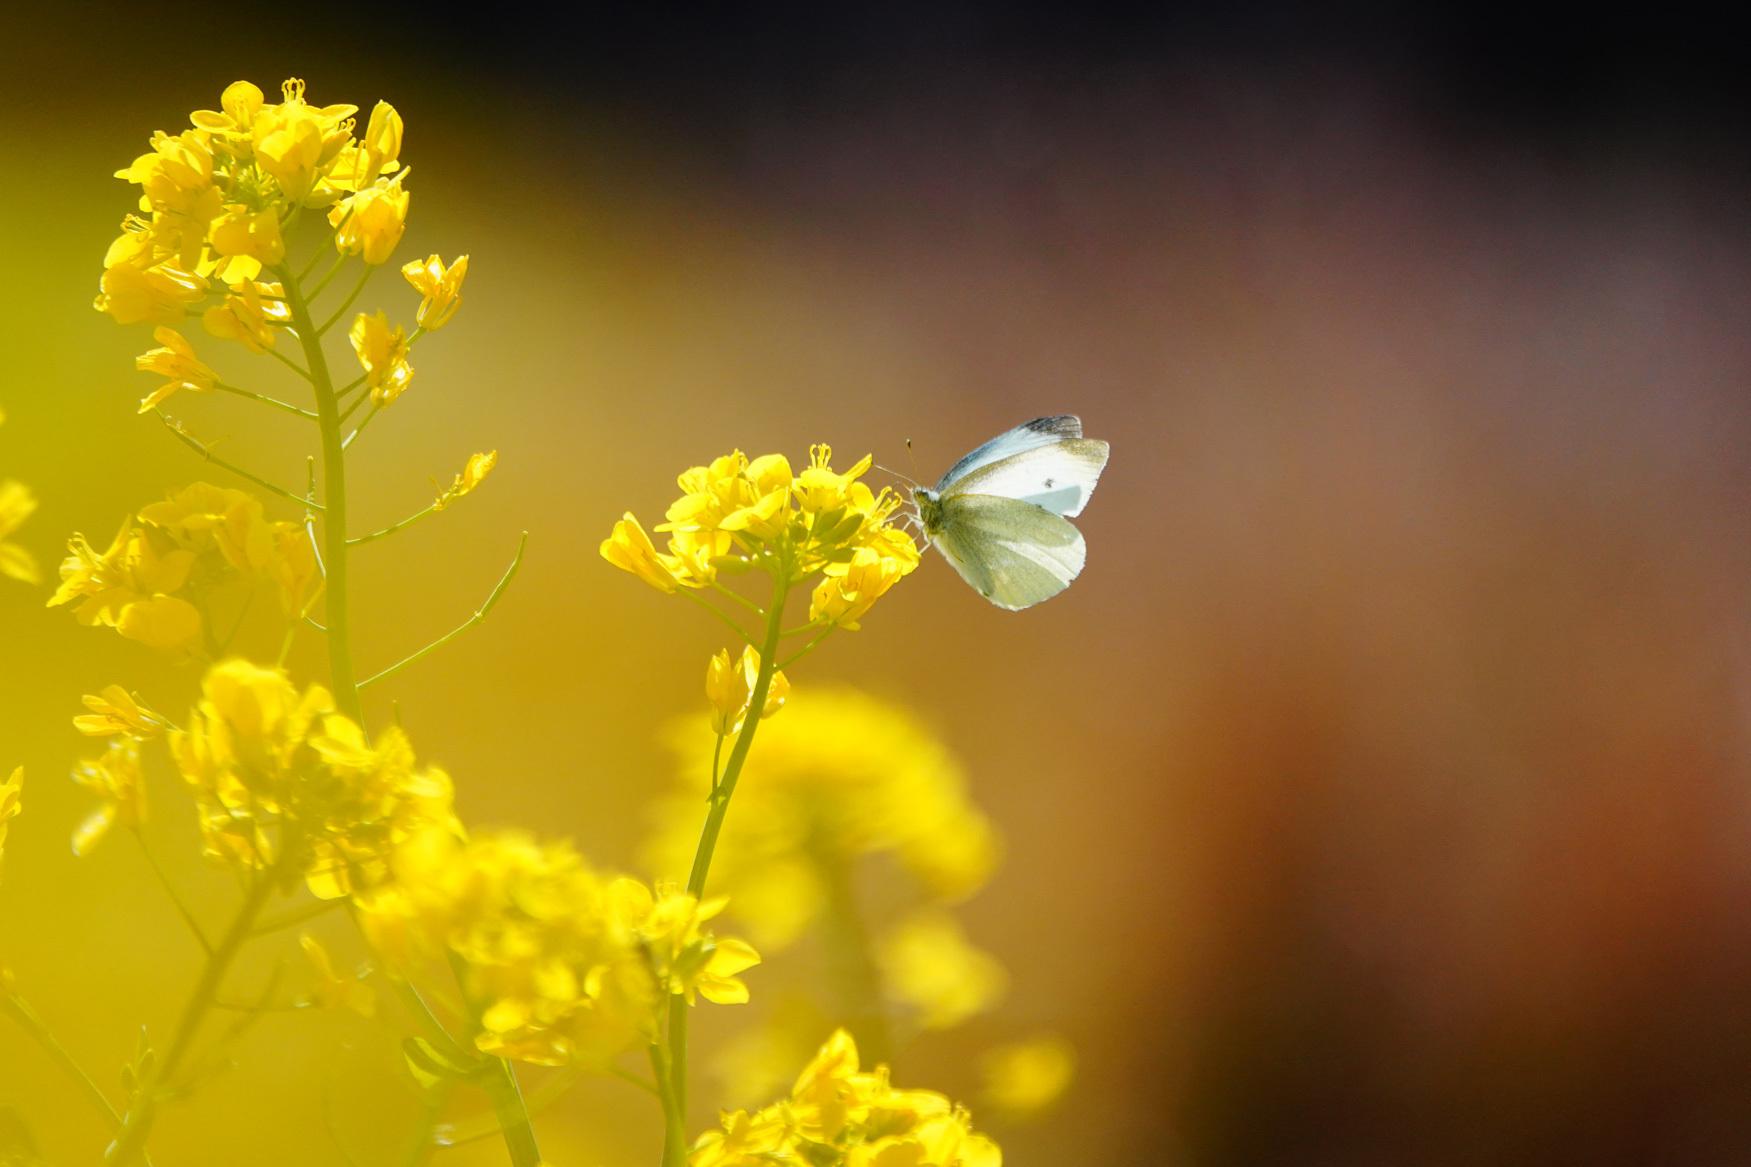 菜の花で戯れる蝶々_e0291438_12213443.jpg